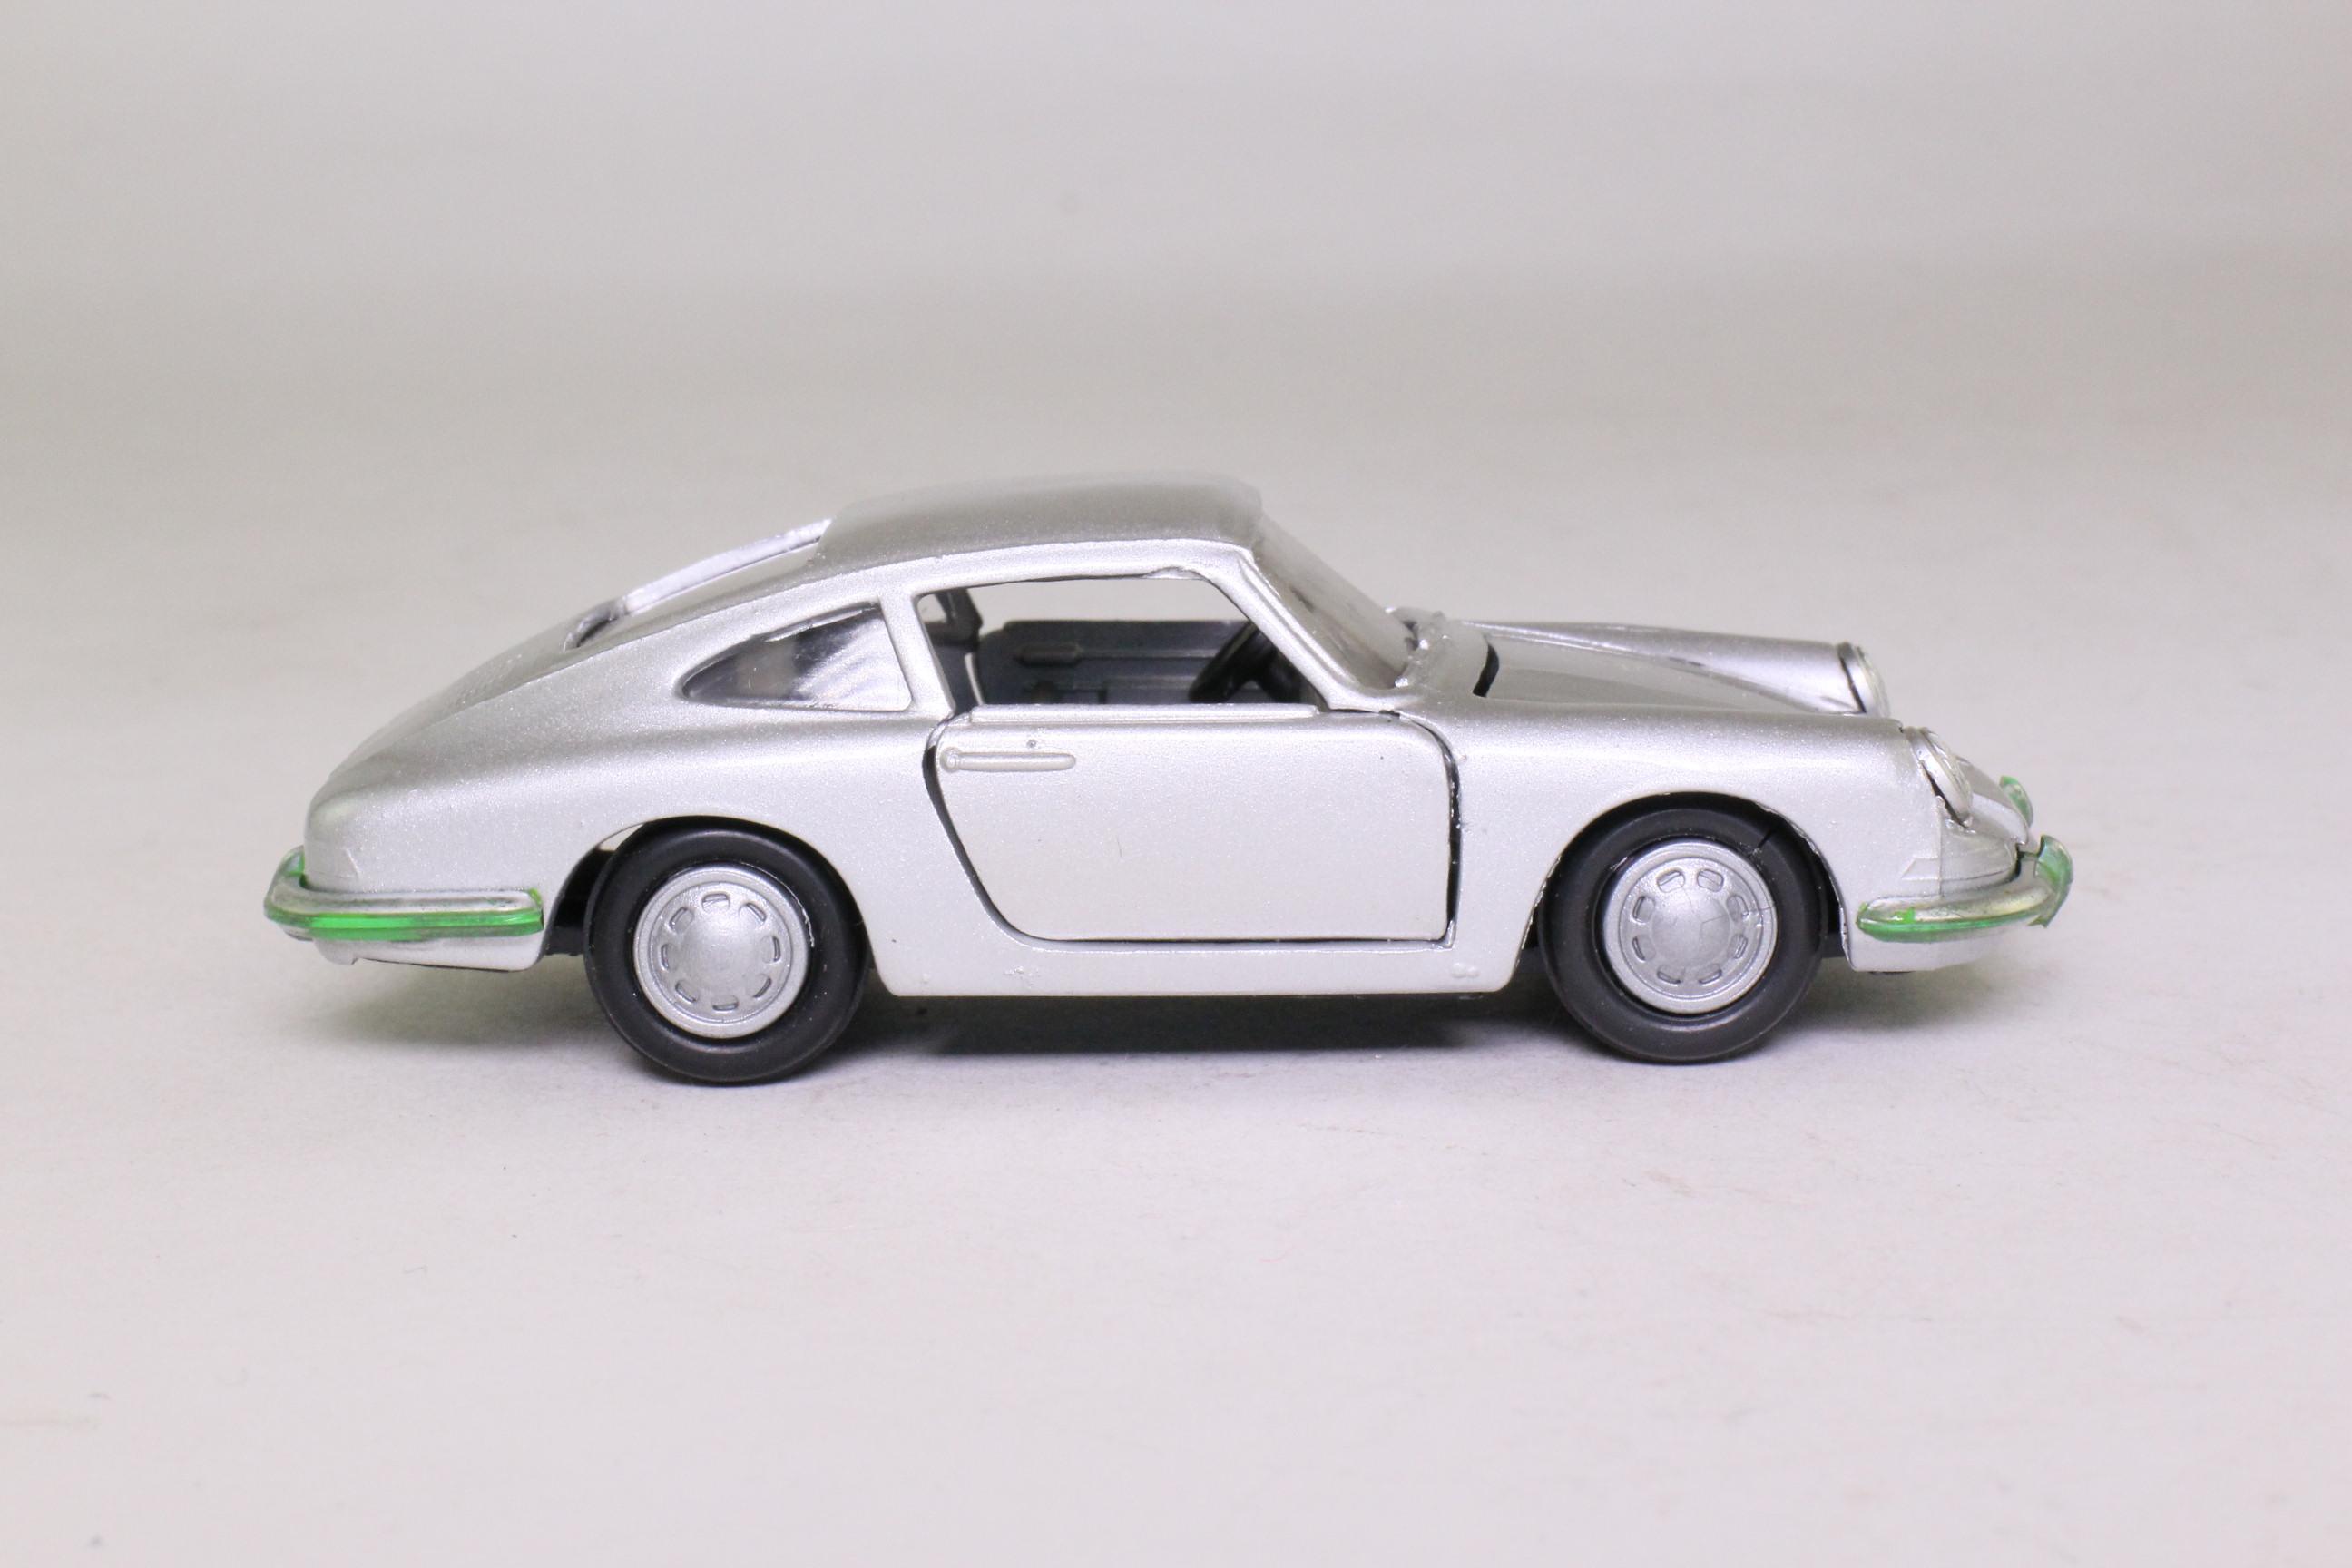 Gama 1119; 1964 Porsche 911; Metallic Silver